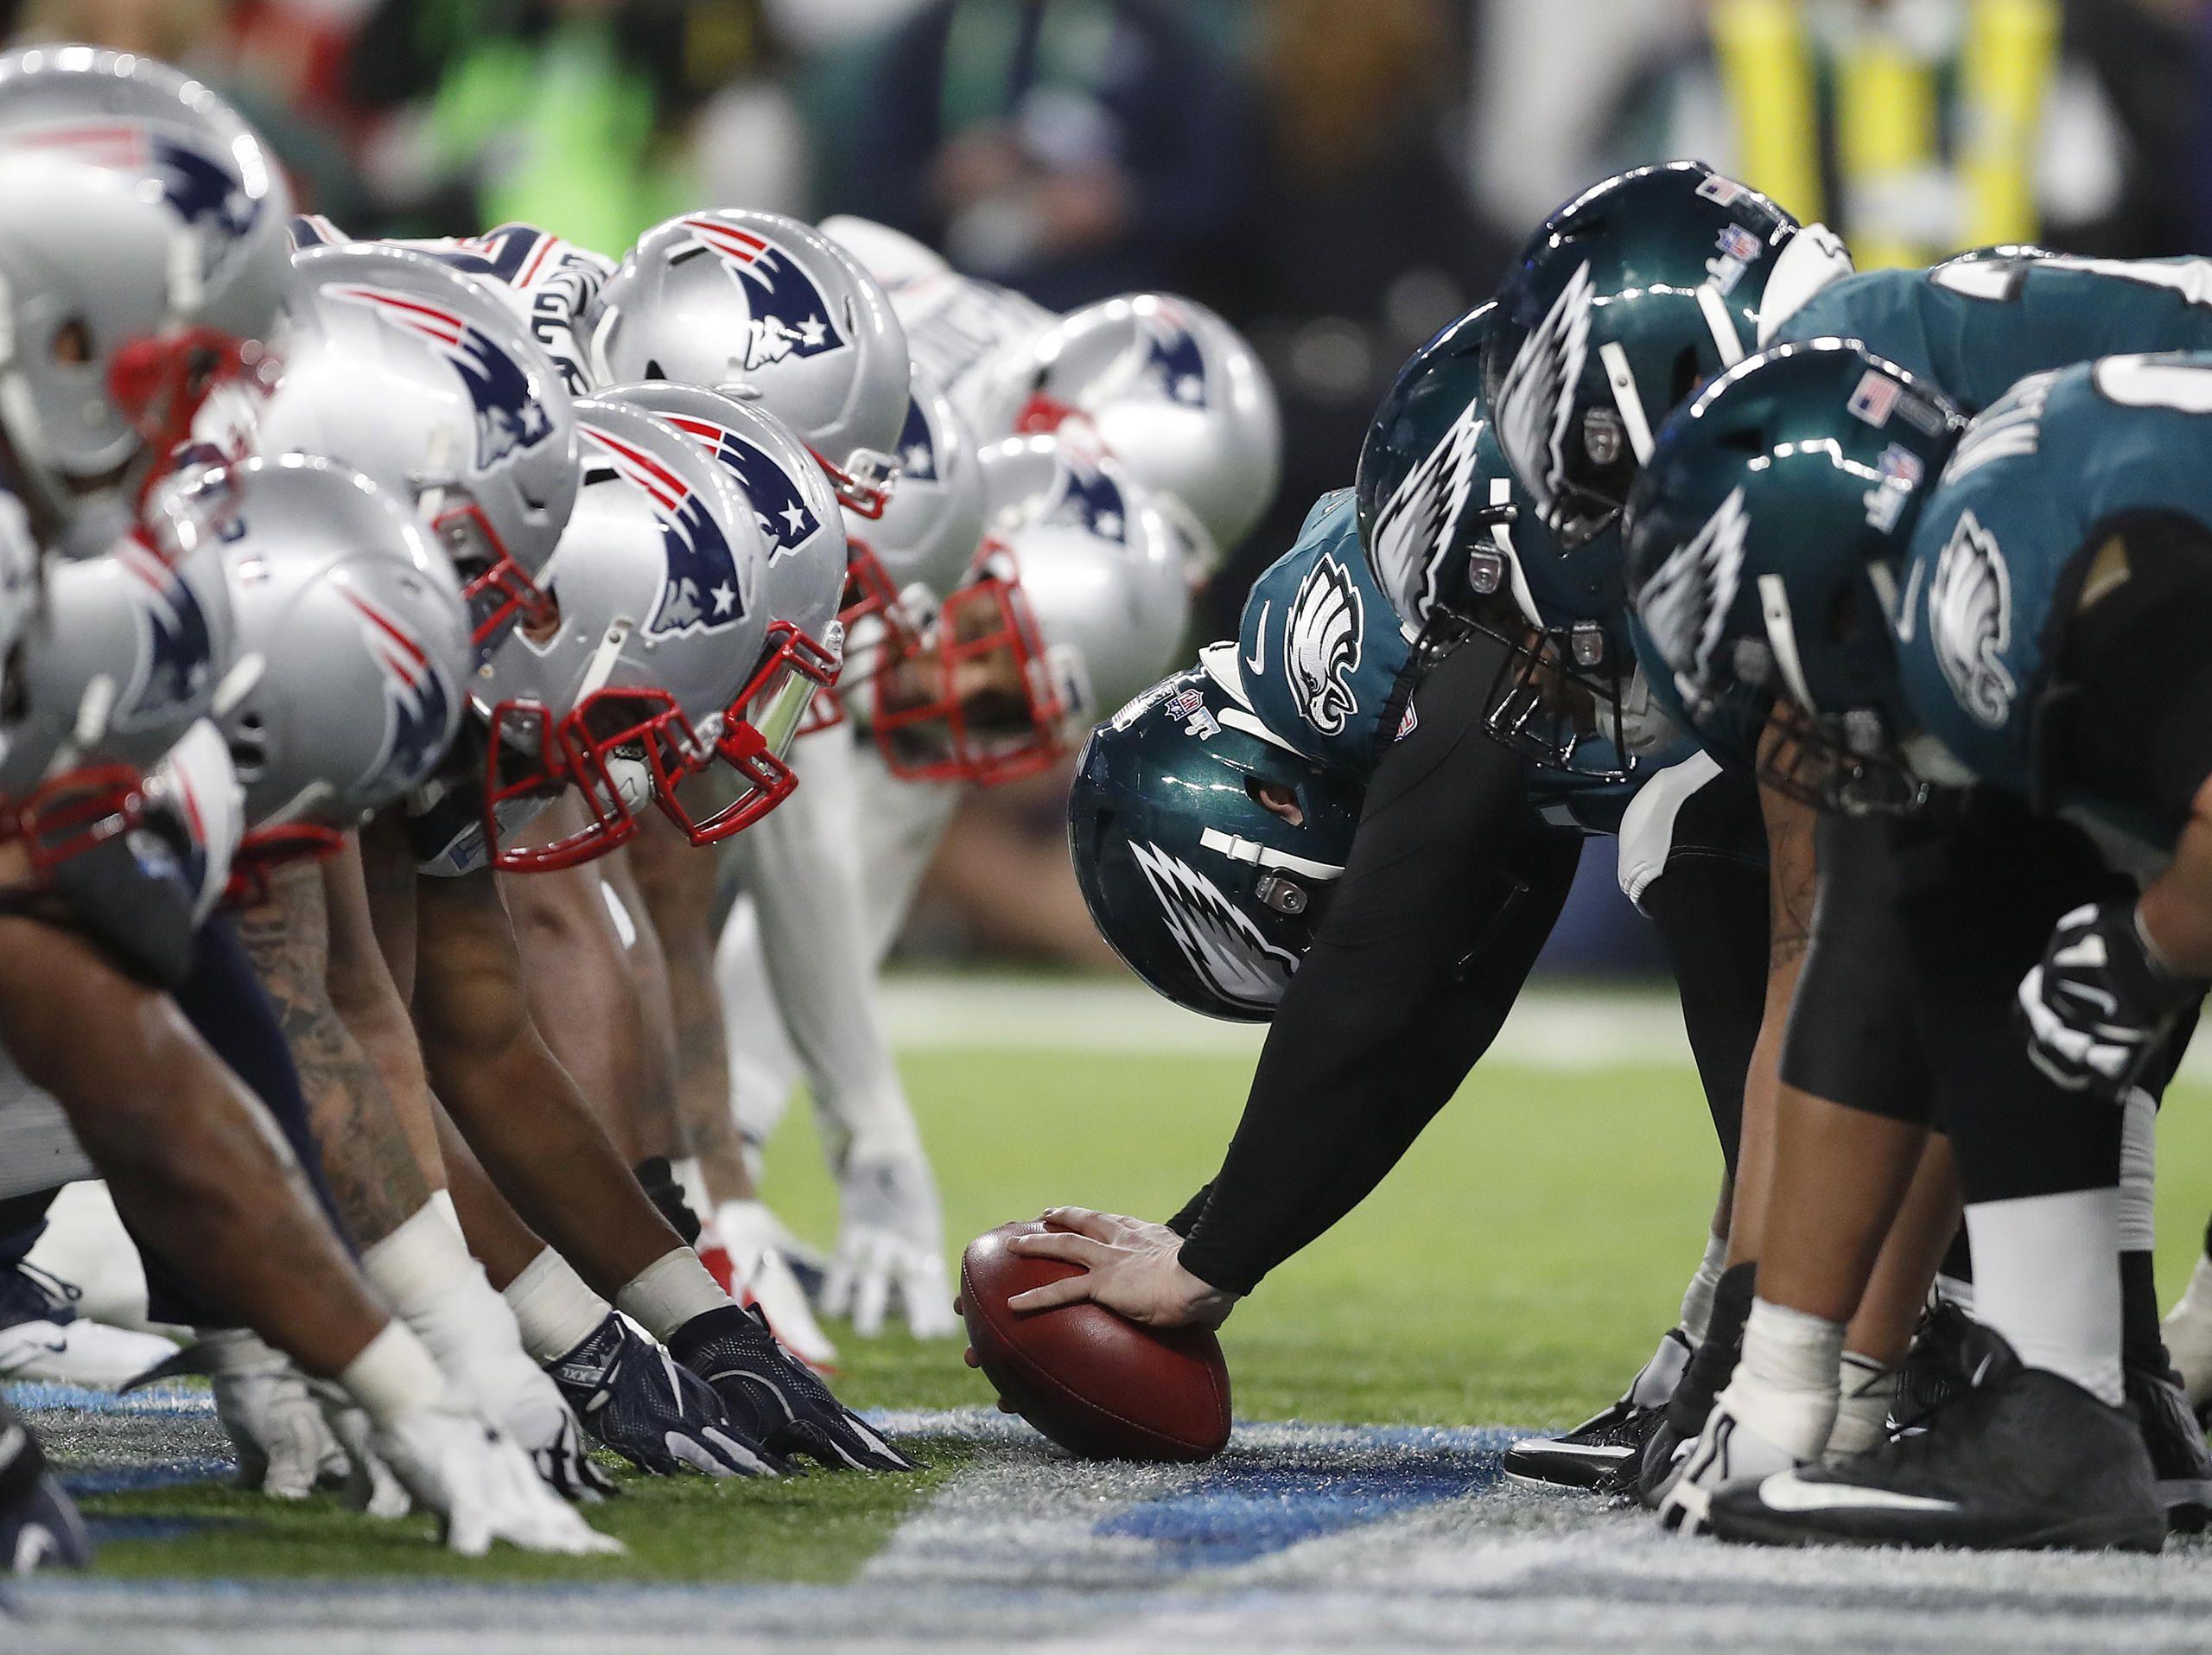 Eagles Vs Patriots Super Bowl Lii